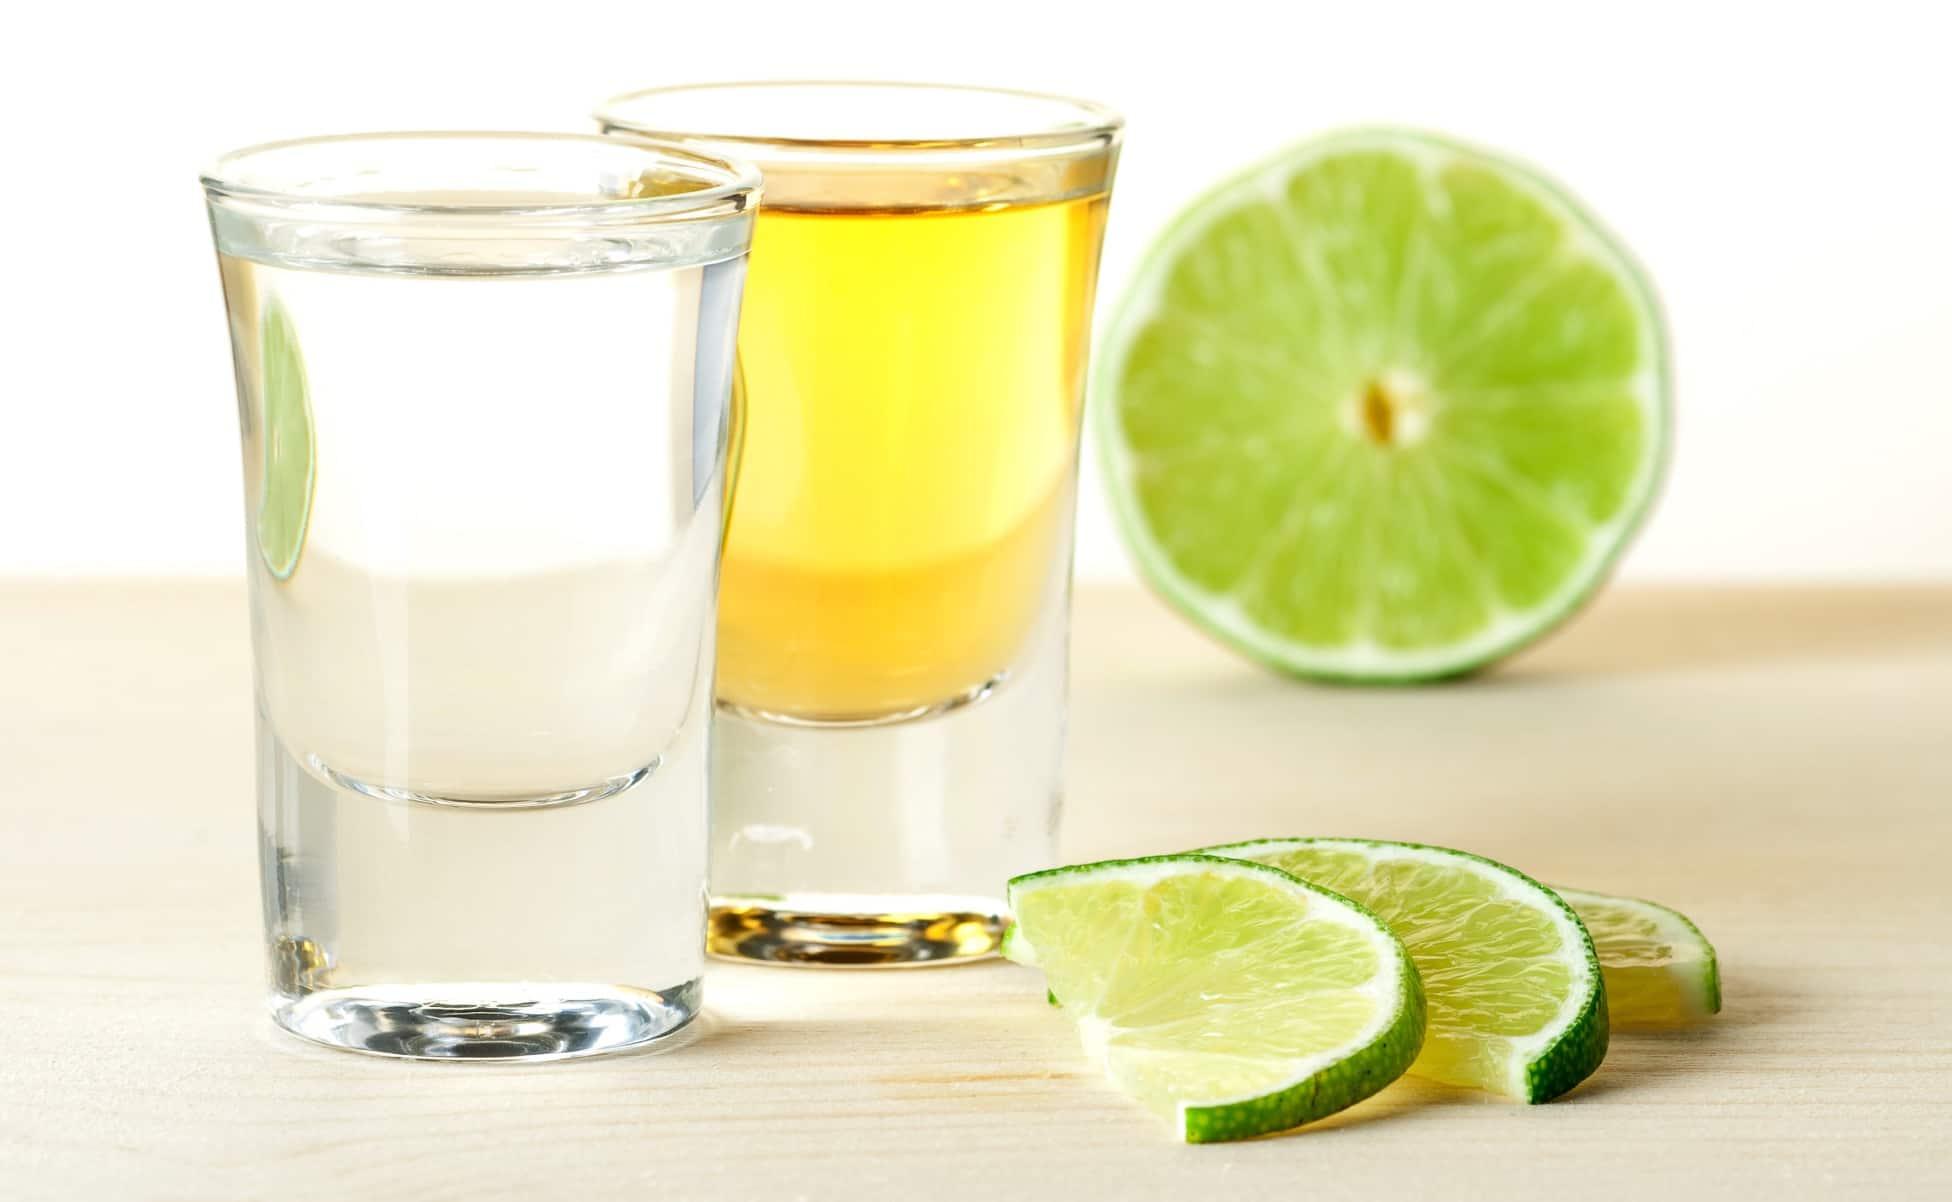 vaso para tequila caballito